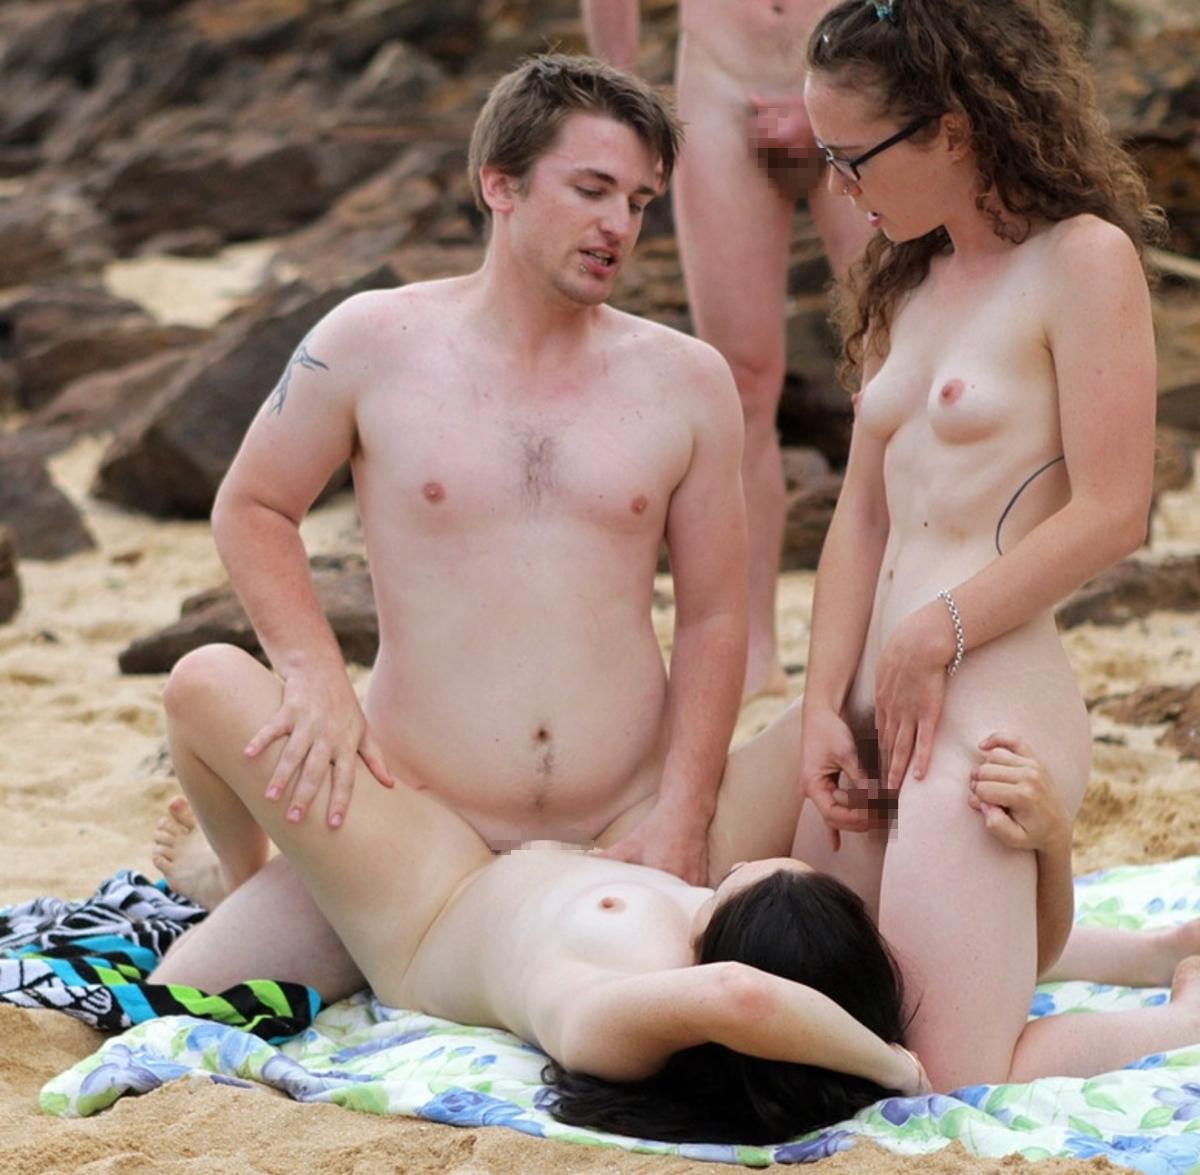 ヌーディストビーチで開かれるリア充たちの乱交パティーをご覧くださいwwww(画像37枚)・28枚目